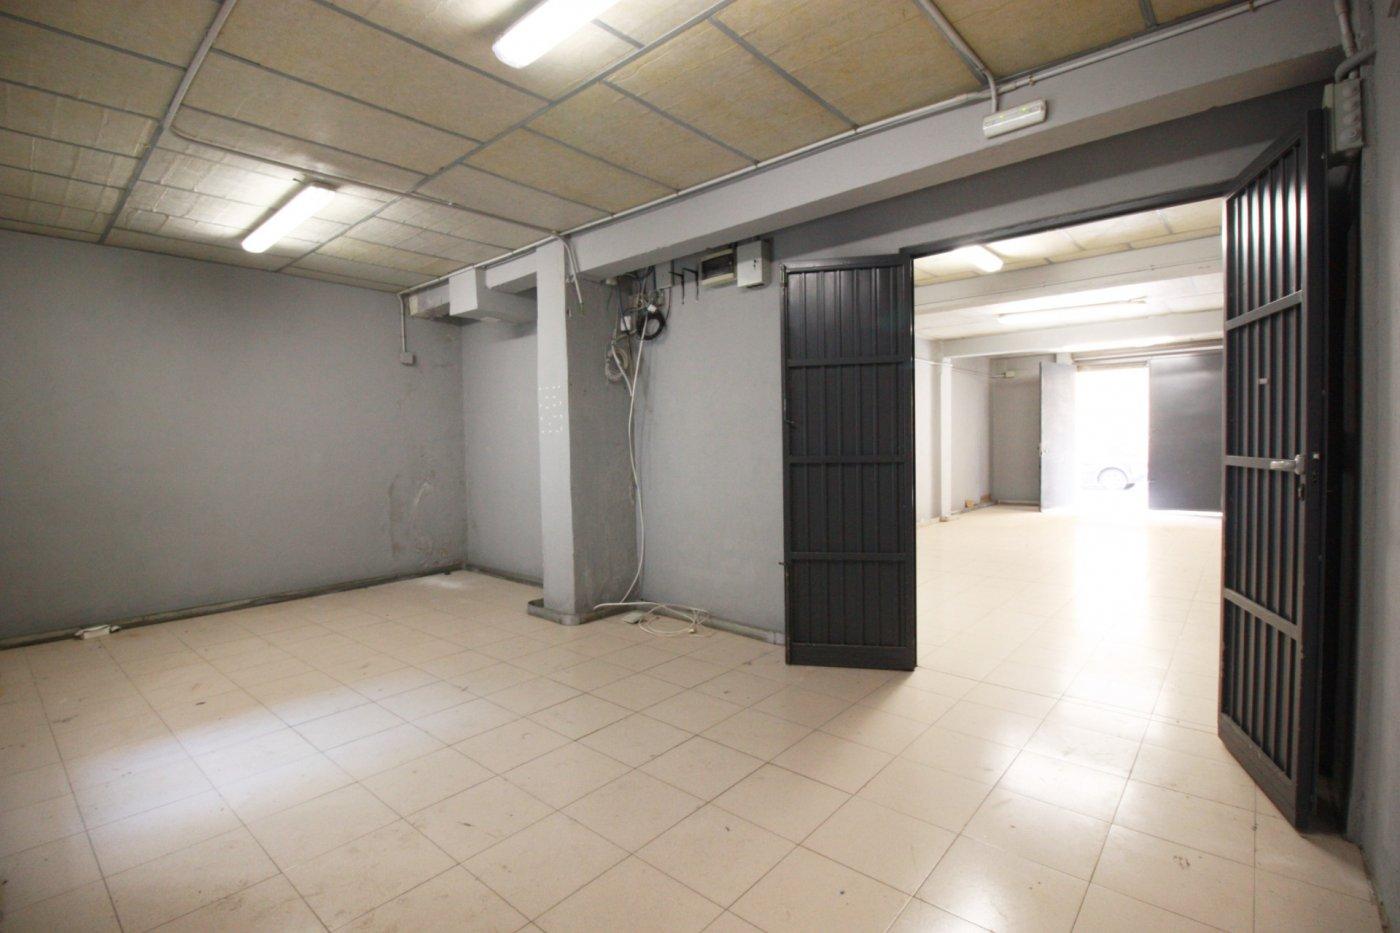 local-comercial en xirivella · v30 54990€